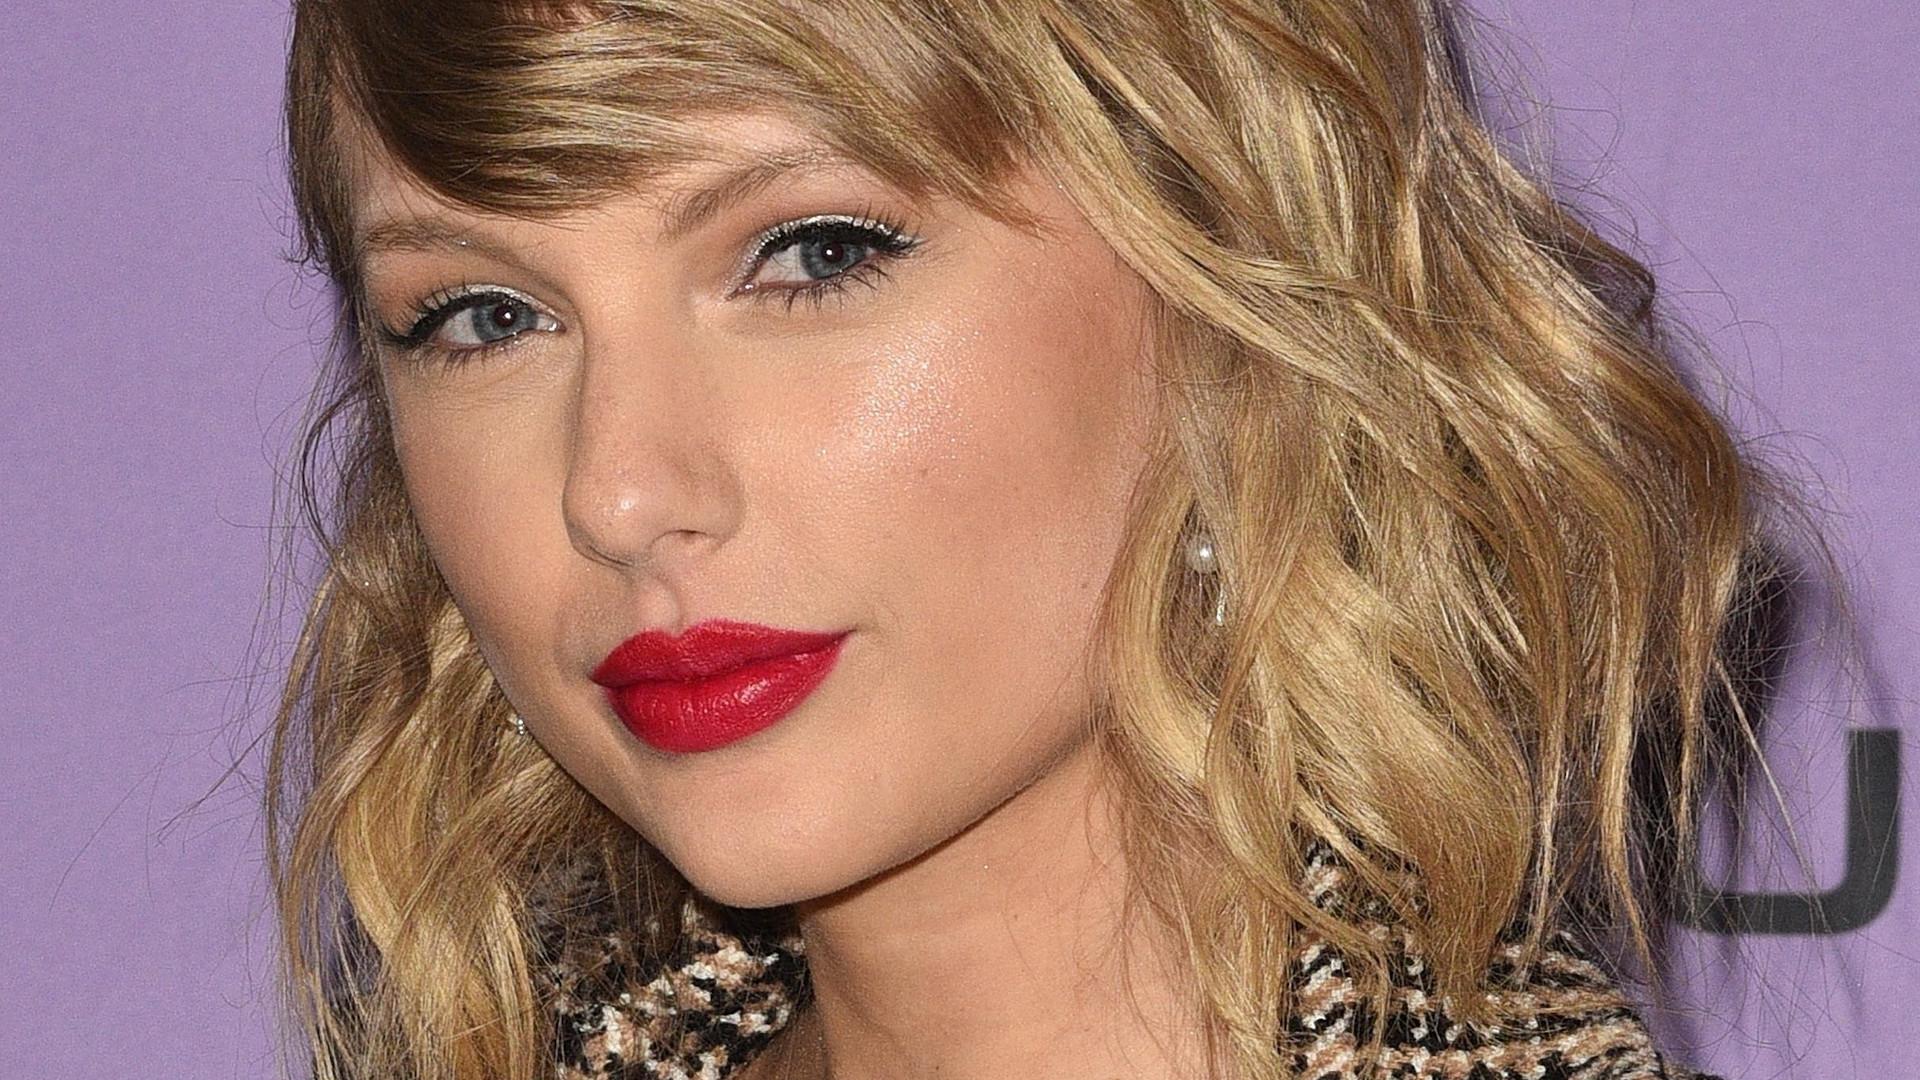 Spójrzcie na BIUST Taylor Swift w tej stylizacji! Pojawiła się na premierze filmu dokumentalnego o sobie (ZDJĘCIA)